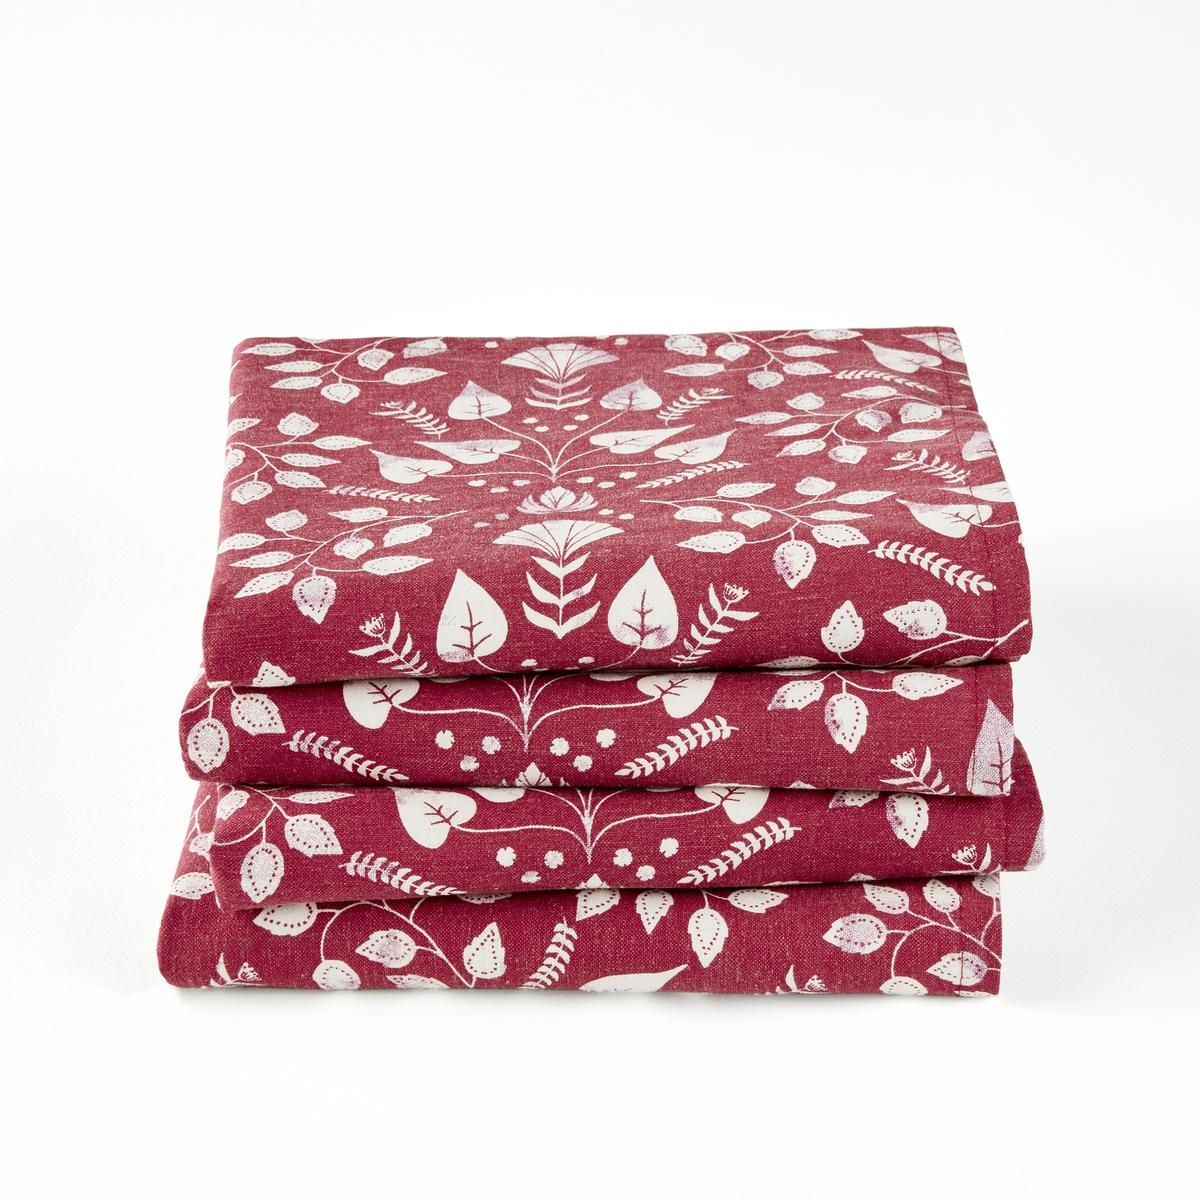 Tovaglioli cotone/lino ROMANE, confezione da 4